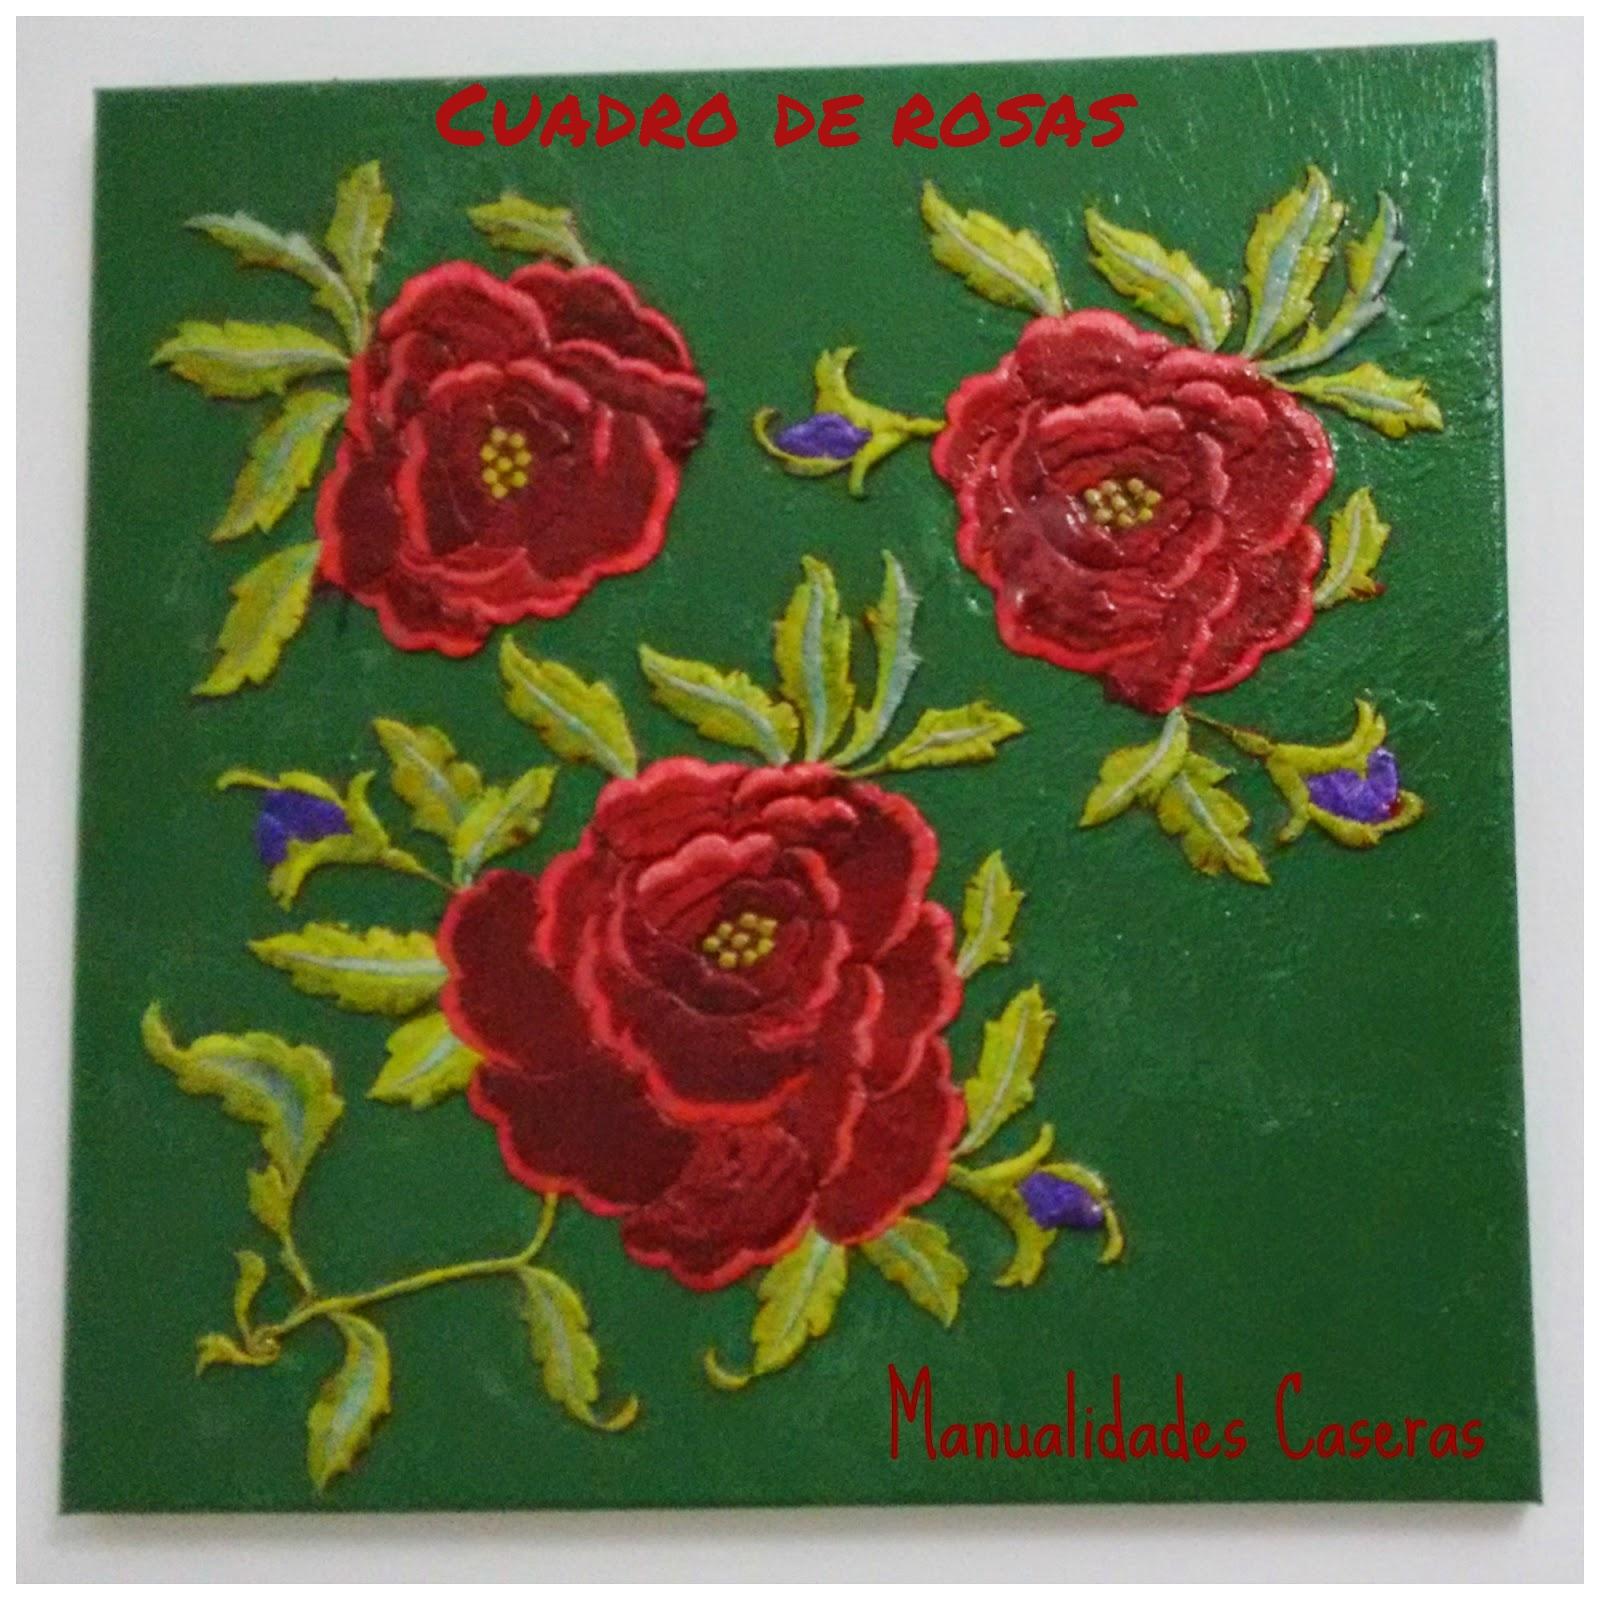 Manualidades Caseras Inma_ Cuadro rosas recicladas de un manton de manila